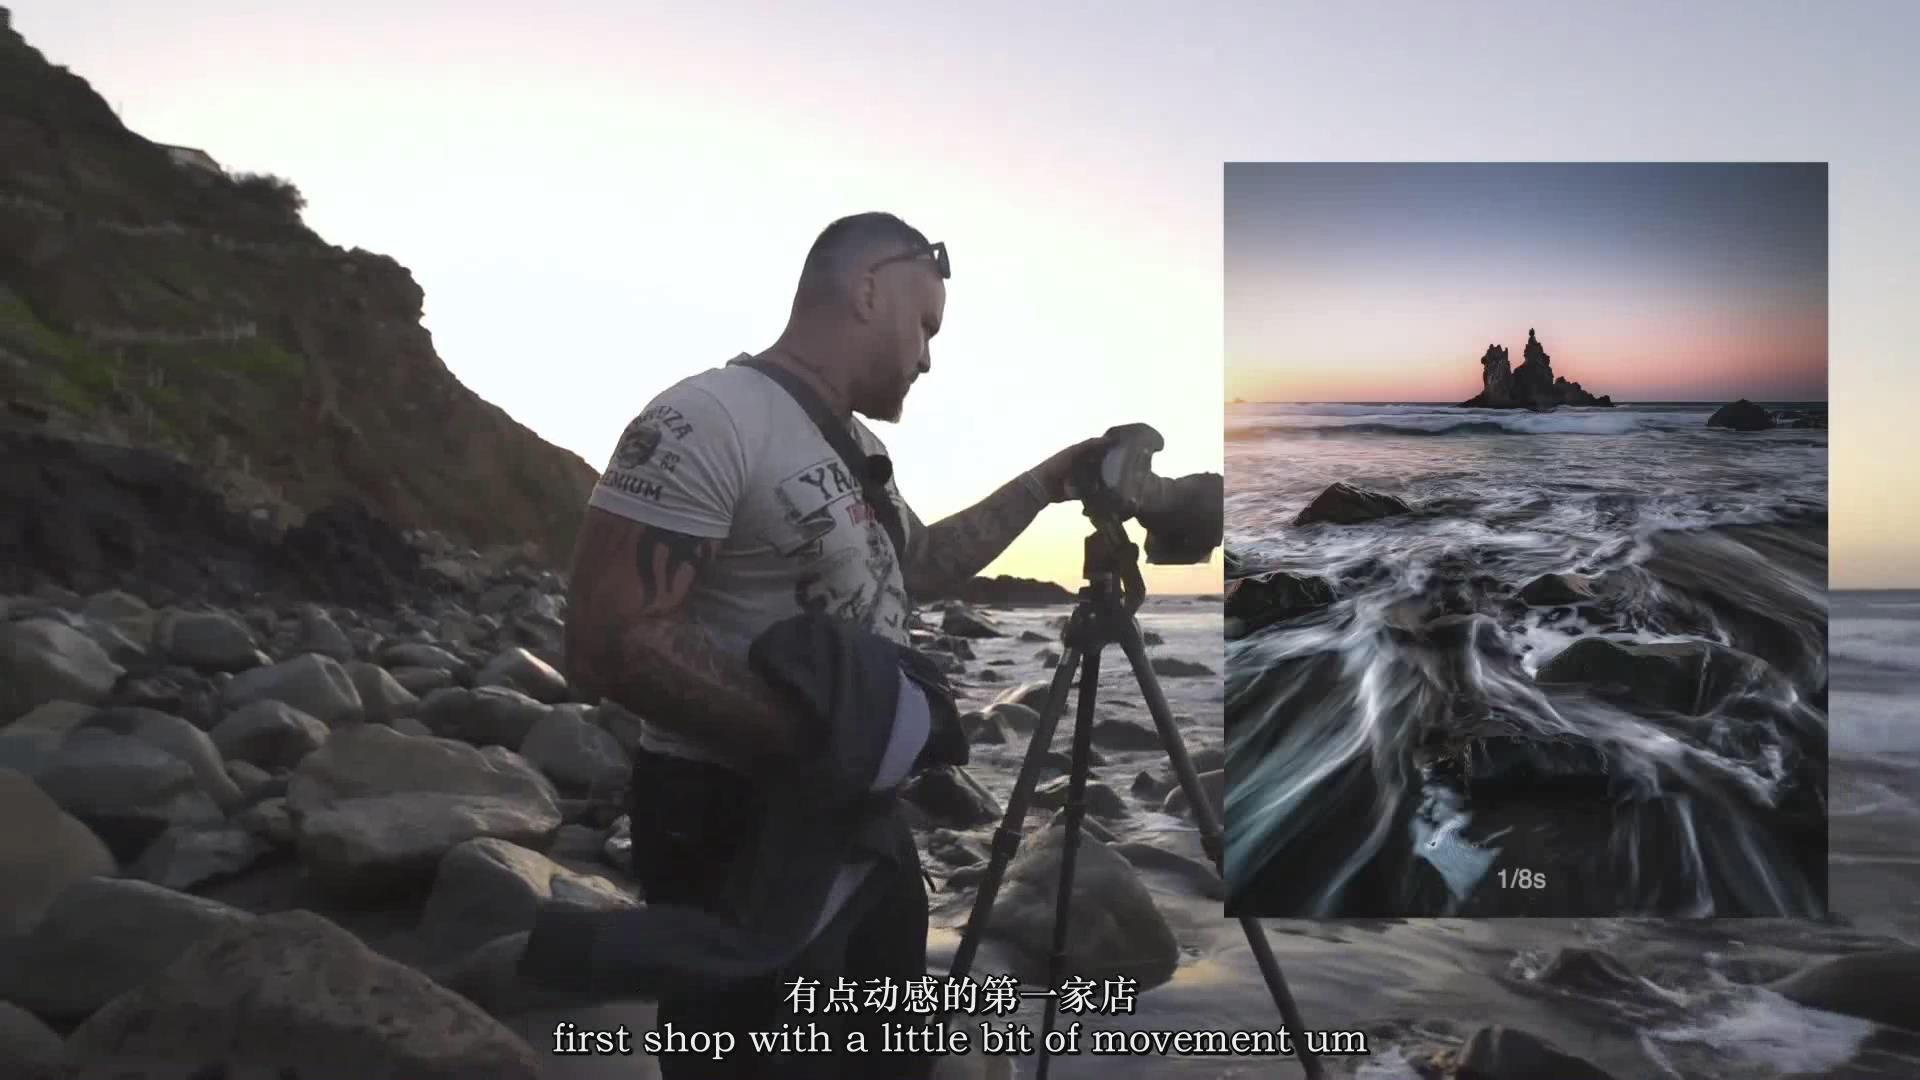 摄影教程_Fabio Antenore-风光摄影-海景长曝光摄影及后期教程附RAW素材-中英字幕 摄影教程 _预览图9